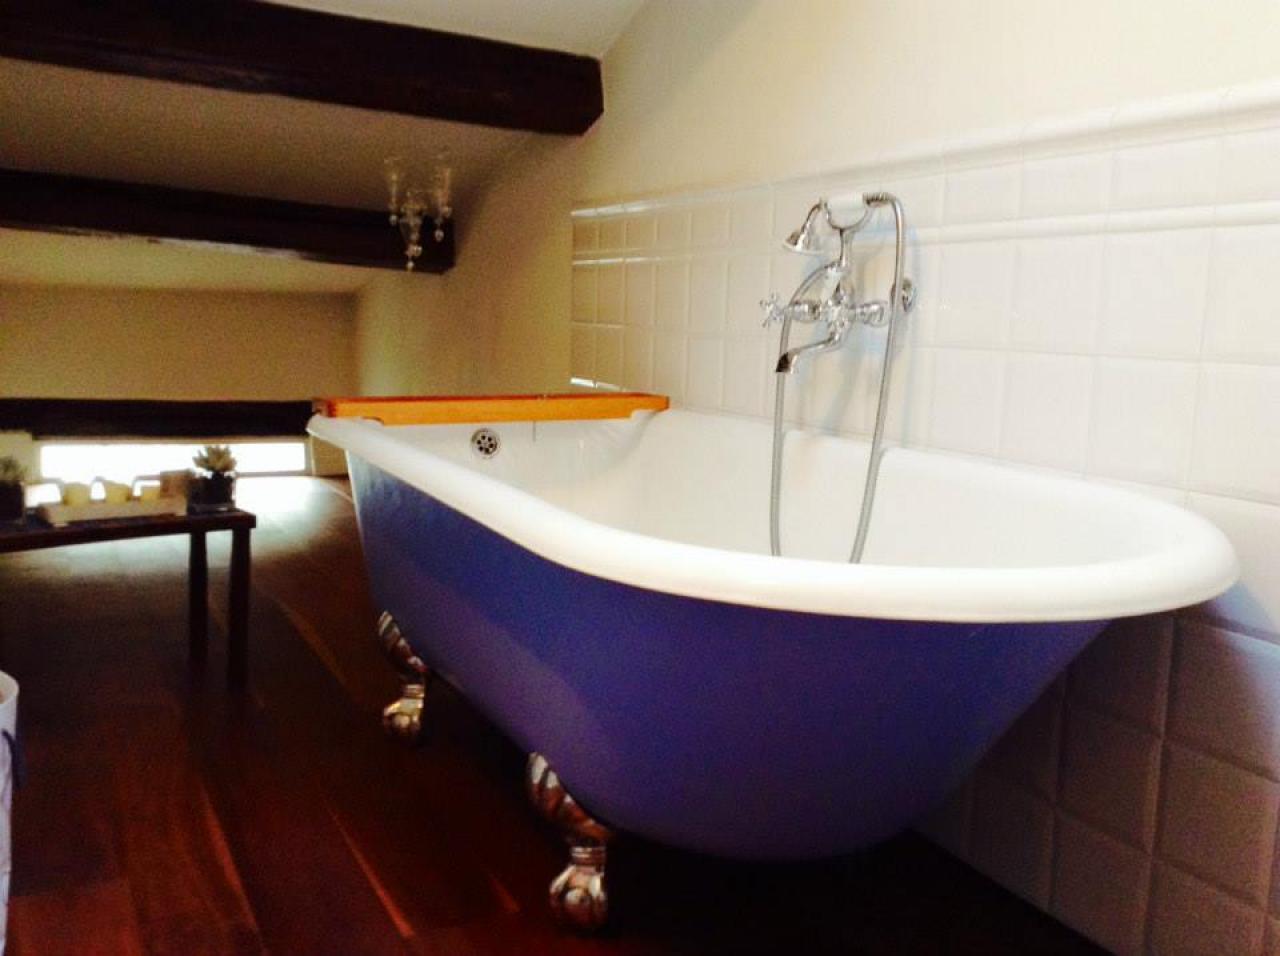 Cosa Significa Vasca Da Bagno In Inglese : La vasca da bagno a vicenza fratelli pellizzari